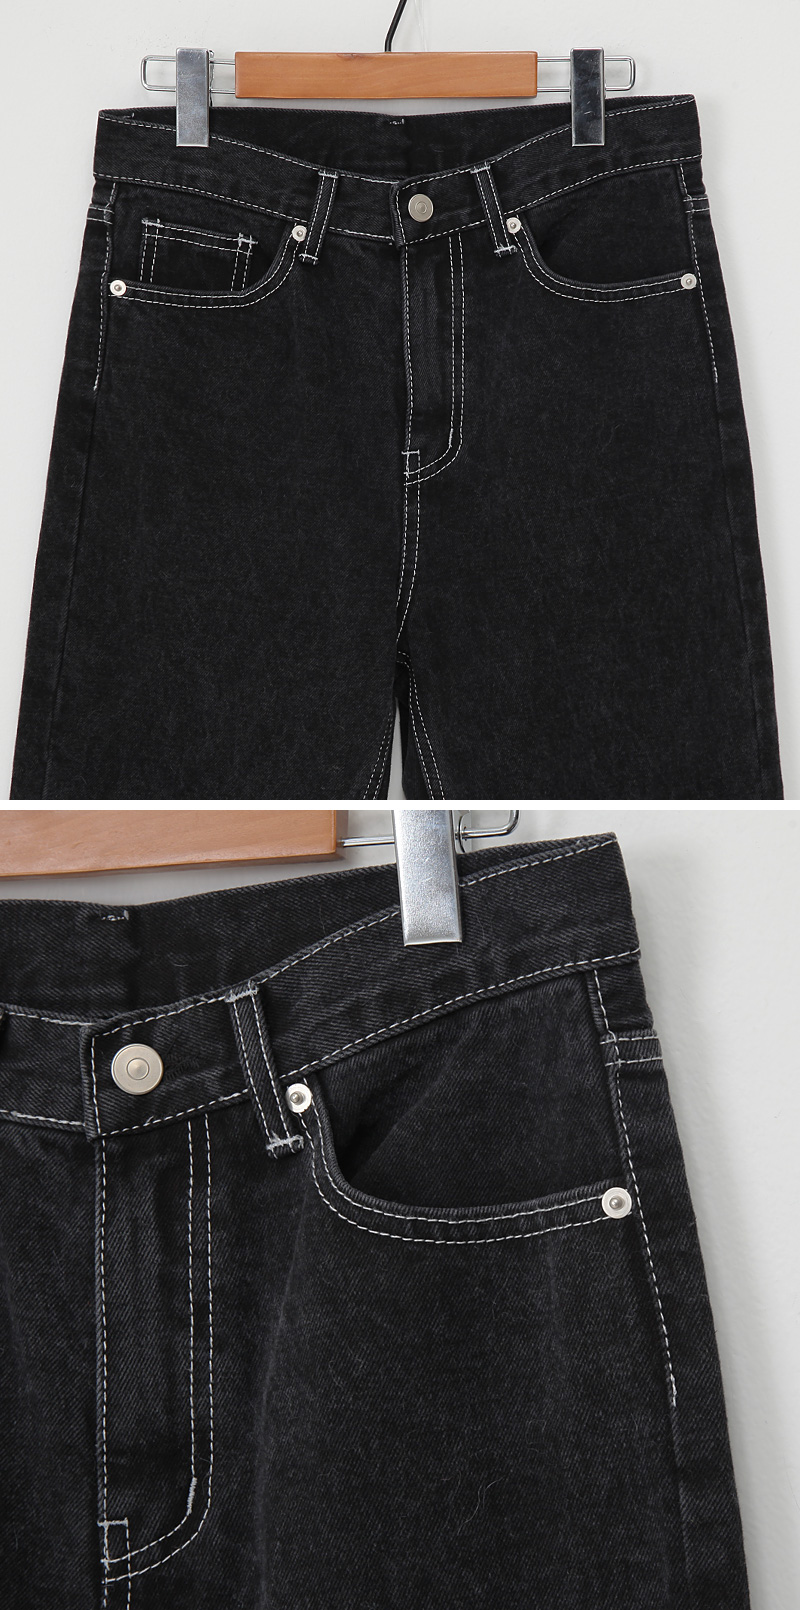 Stitch cutting denim pants_J